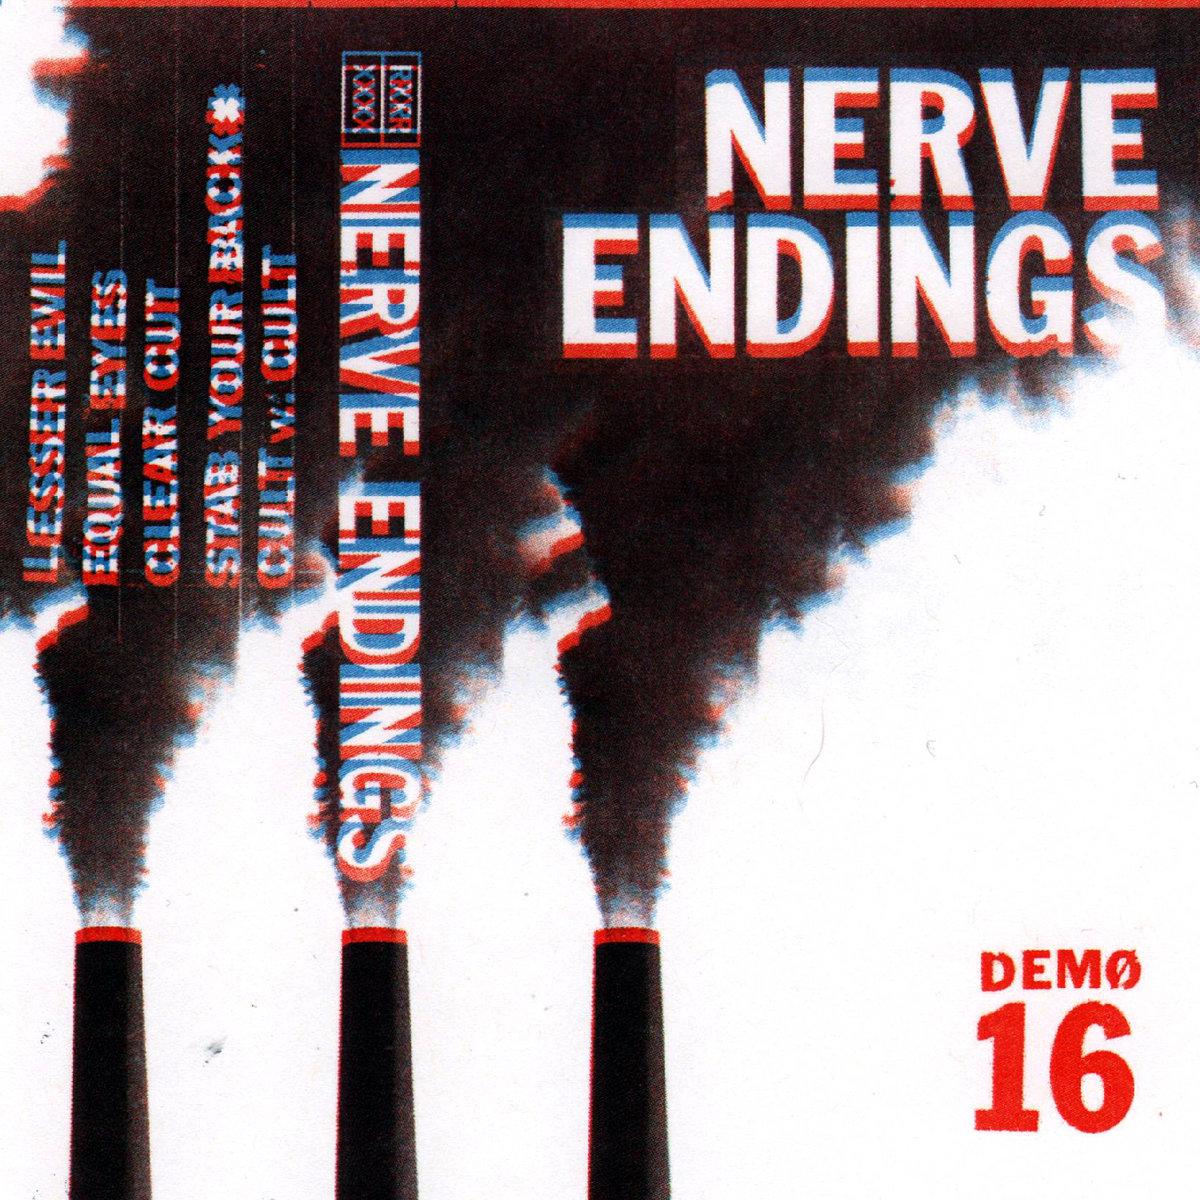 Demo 16 React Records